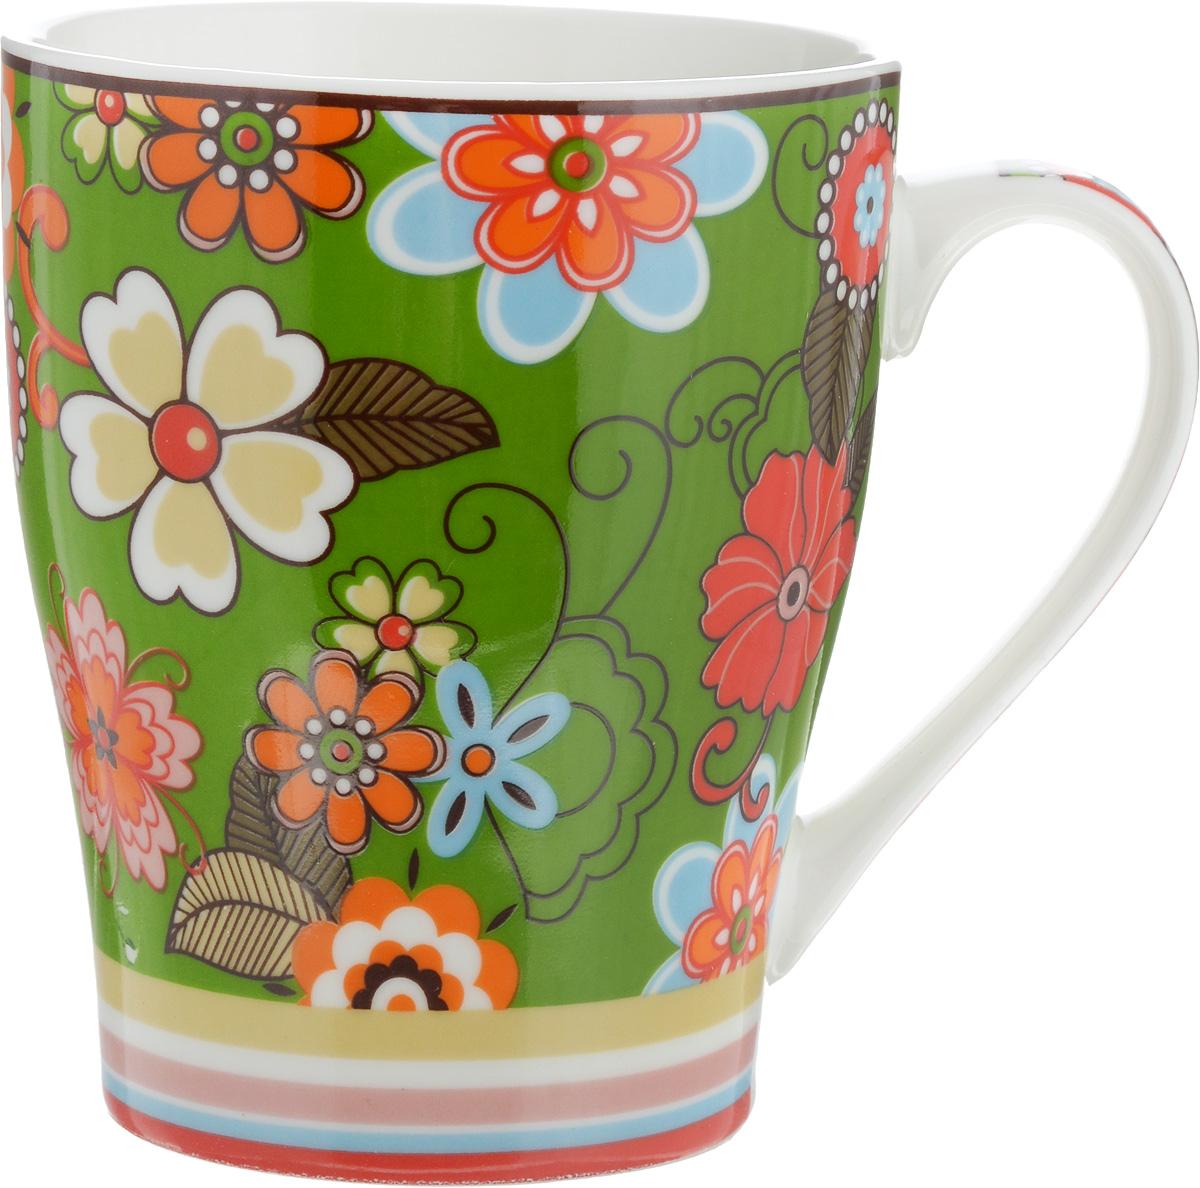 Кружка Доляна Мария, цвет: зеленый, красный, 300 мл115510Кружка Доляна Мария изготовлена из высококачественной керамики. Изделие оформлено красочным рисунком и покрыто превосходной сверкающей глазурью. Изысканная кружка прекрасно оформит стол к чаепитию и станет его неизменным атрибутом.Диаметр кружки (по верхнему краю): 8,5 см.Высота кружки: 10,5 см.